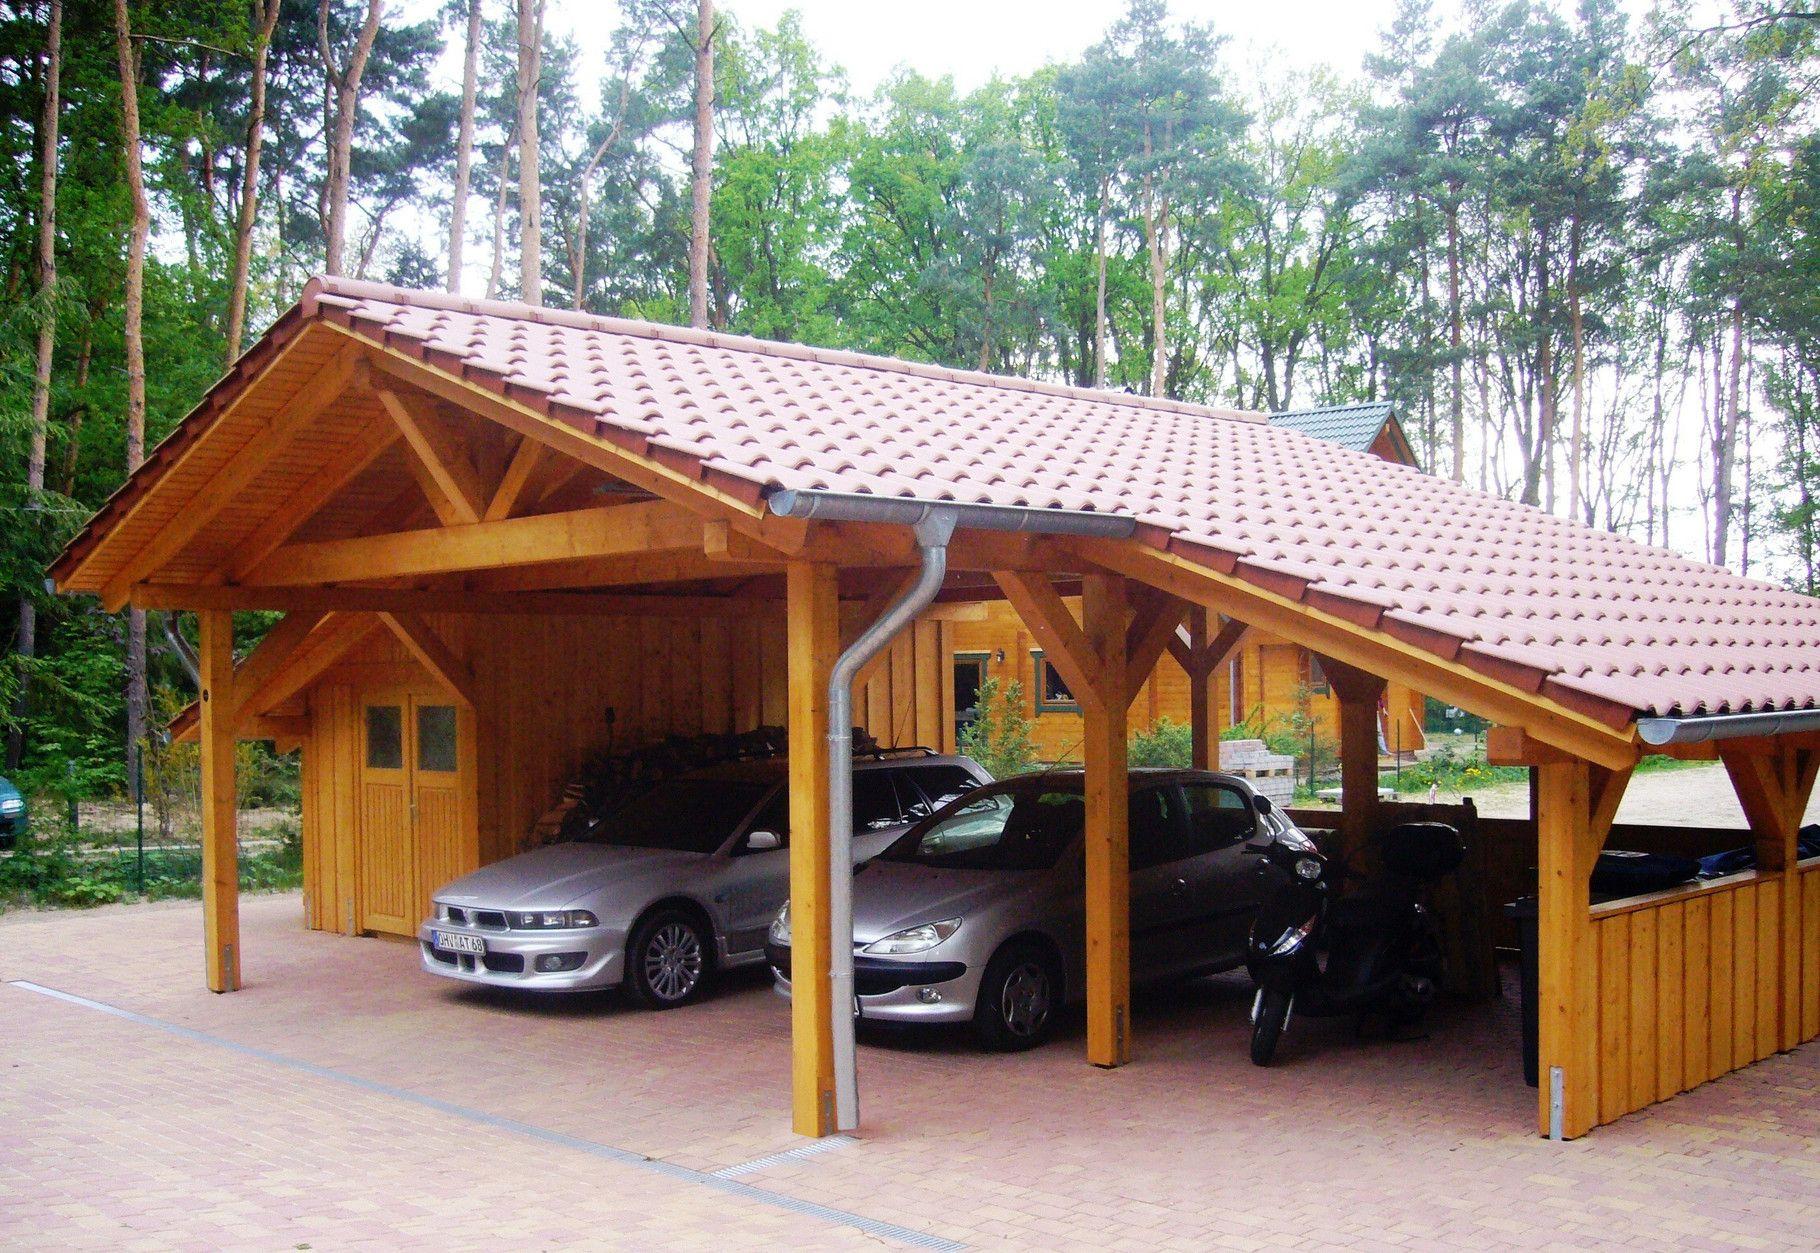 30 Spitzdach Carport Galerie Diy Carport Carport Designs